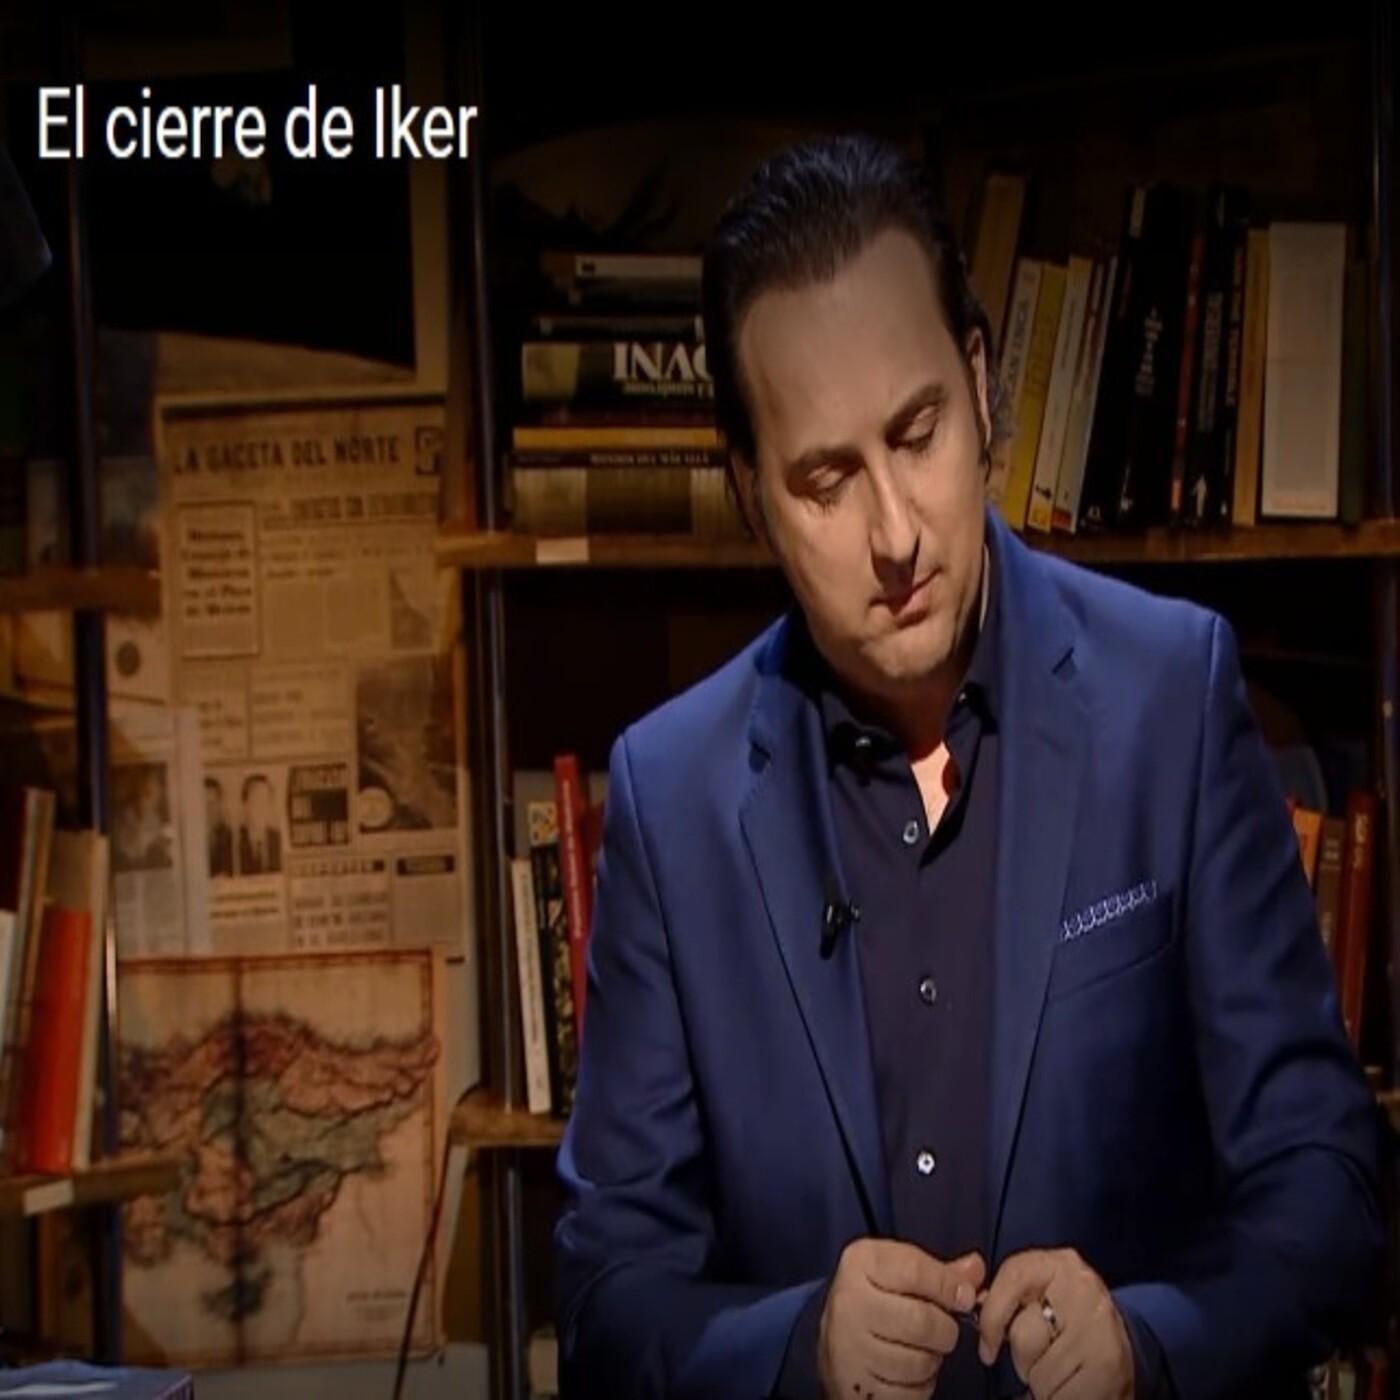 El cierre de Iker: Los directivos de esta cadena estaban impresionados